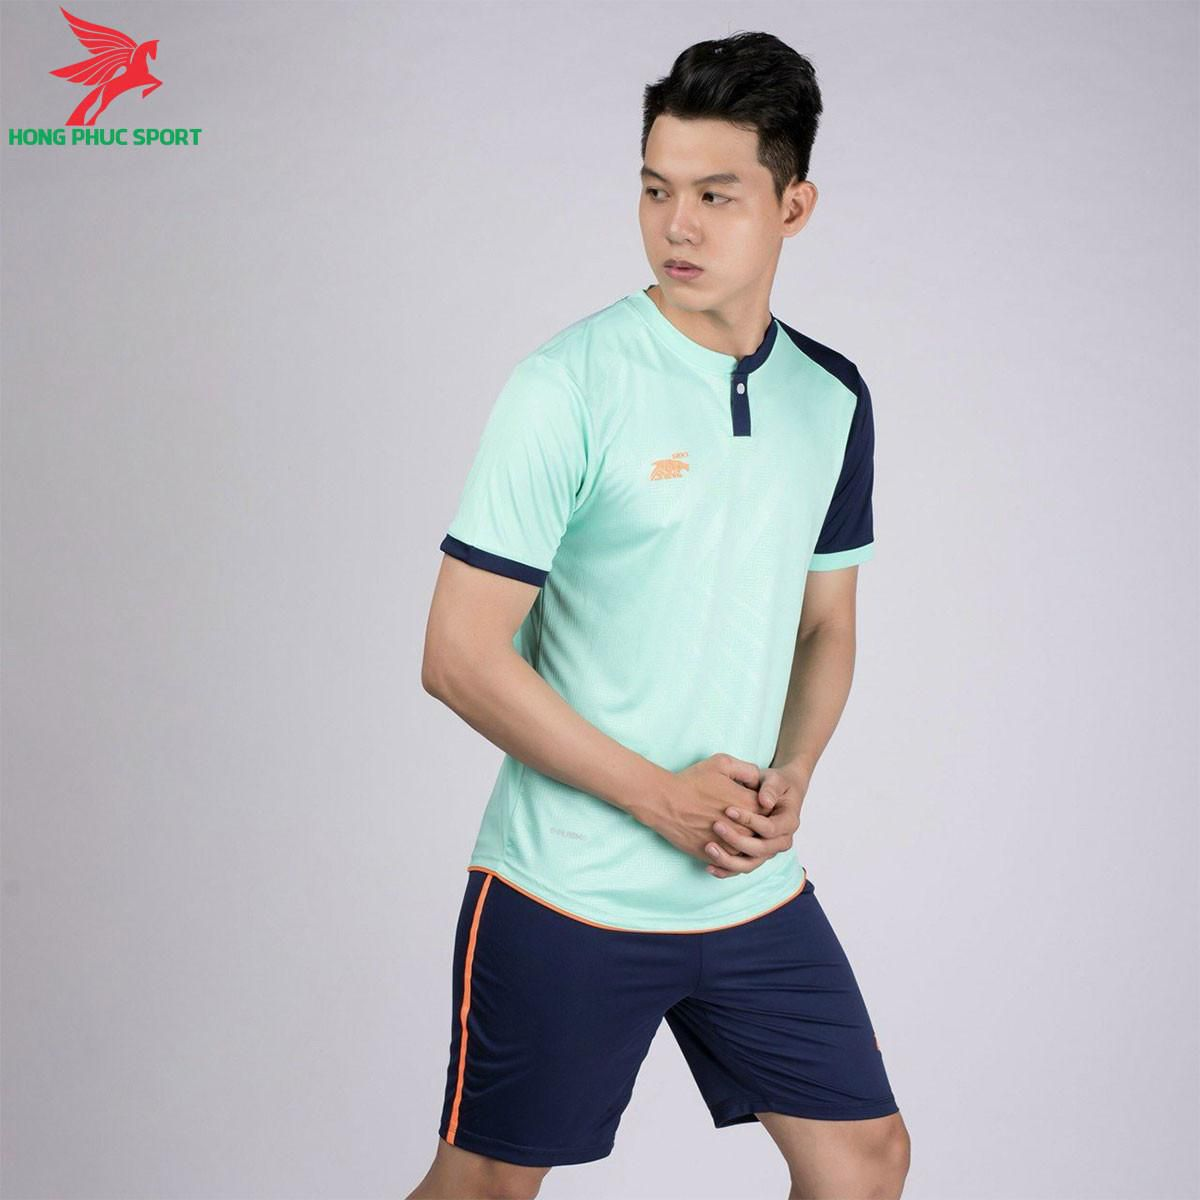 https://cdn.hongphucsport.com/unsafe/s4.shopbay.vn/files/285/ao-khong-logo-riki-lostoran-mau-xanh-ngoc-603e0c2fd9de8.jpg